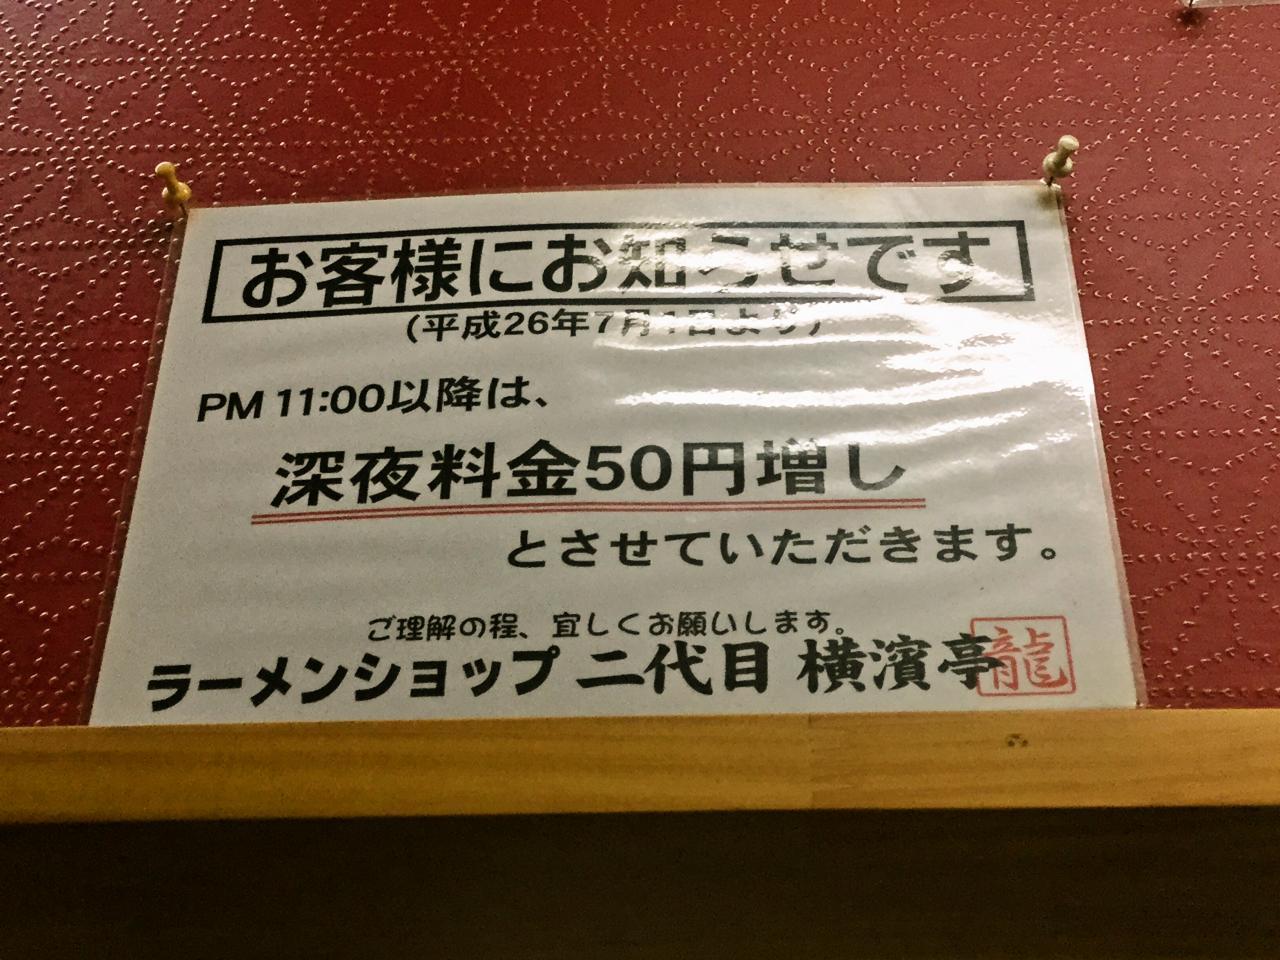 ラーメンショップ二代目横濱亭(メニュー)